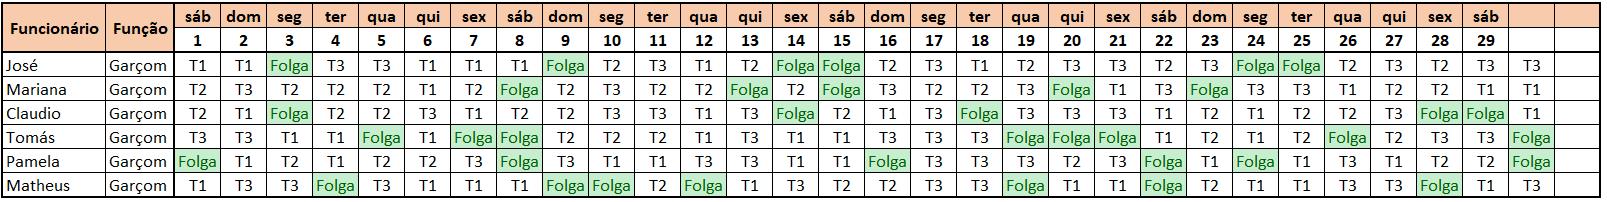 Tabela finalizada - Escala de Trabalho